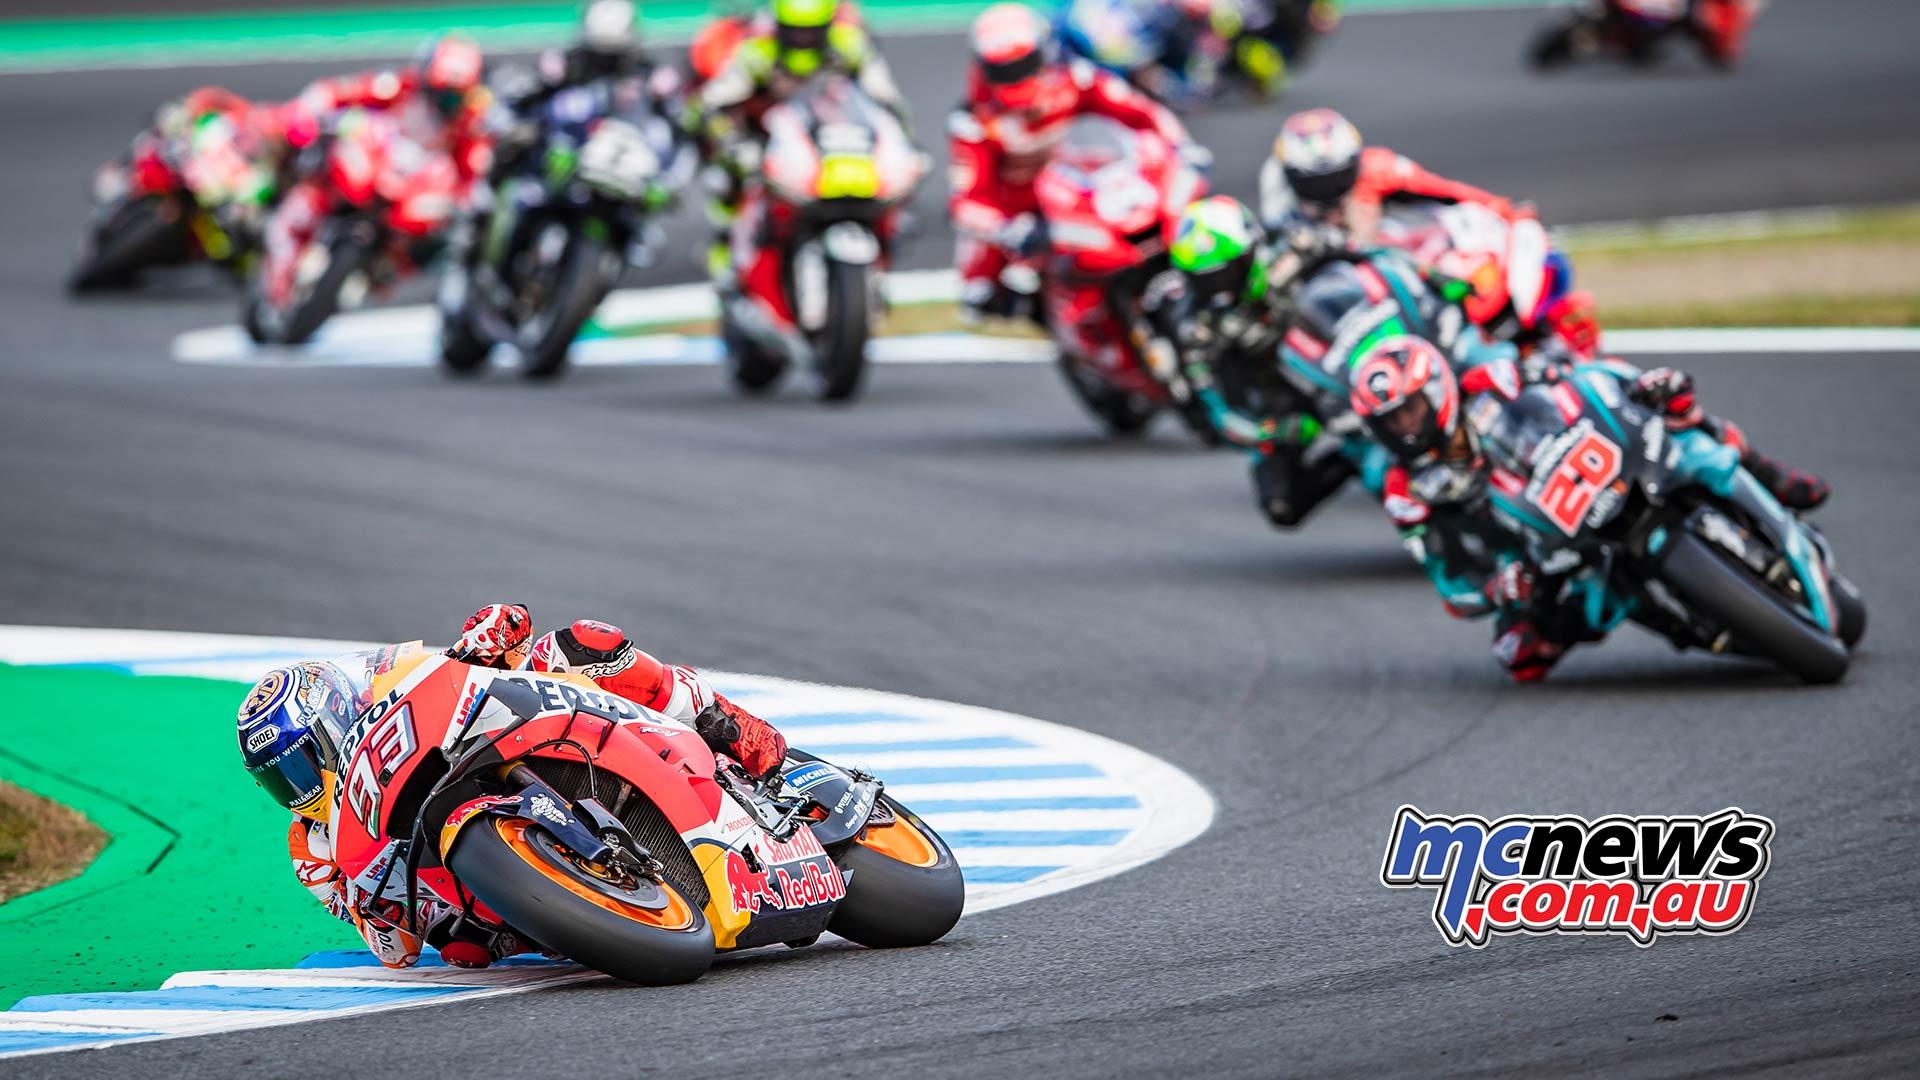 MotoGP Motegi Honda Marquez Leads